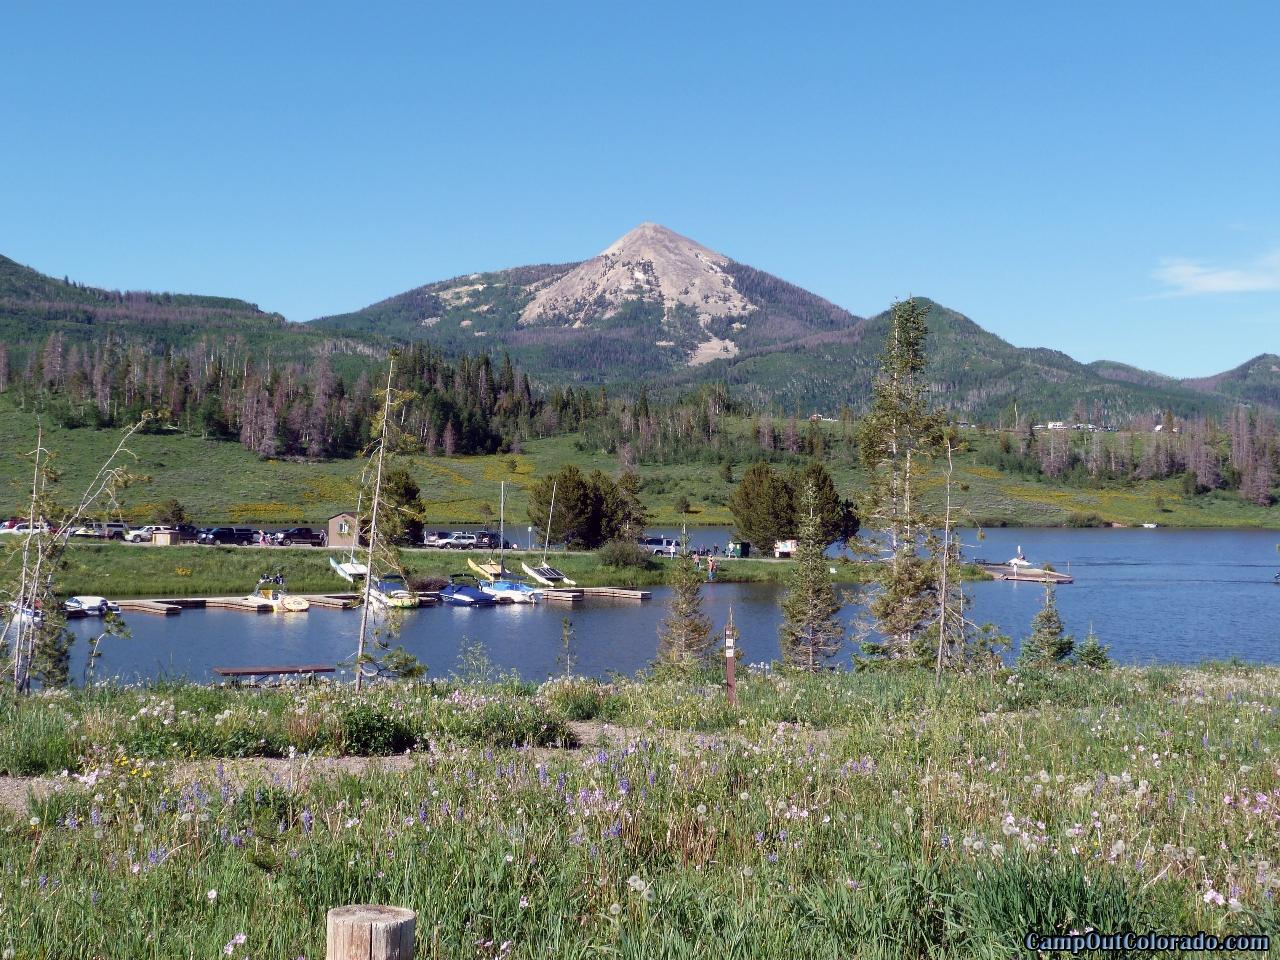 camp-out-colorado-steamboat-lake-marina-boat-ramp